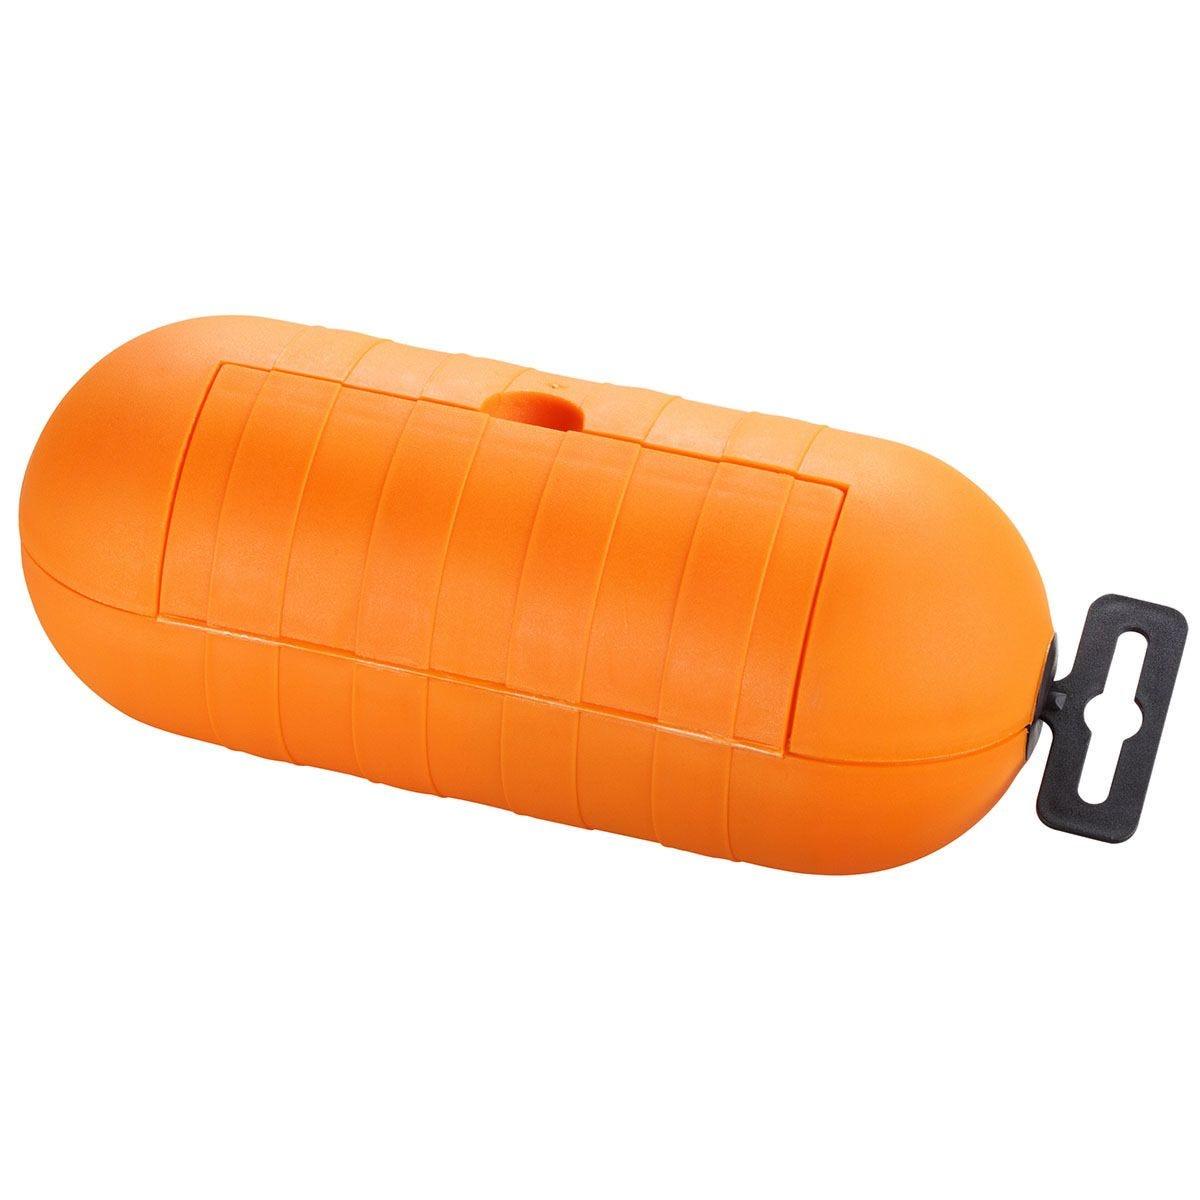 Masterplug Splashproof Torpedo Plug + Socket Cover - Orange